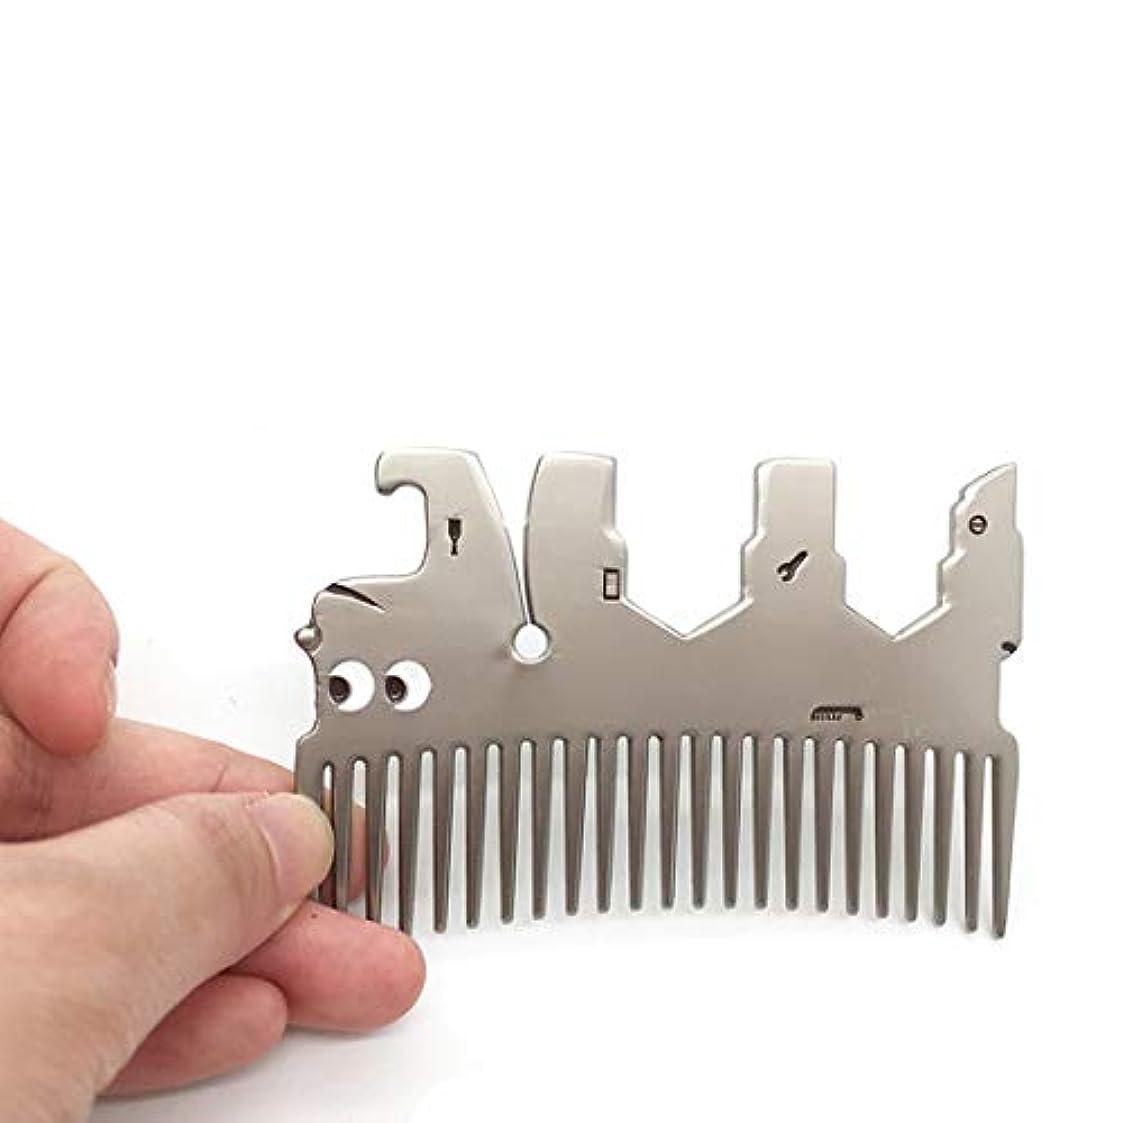 爆発するフランクワースリー許容できる(櫛、栓抜き、レンチ、)あなたの財布に収まる2個の多機能ユーティリティ櫛 モデリングツール (色 : Metallic)